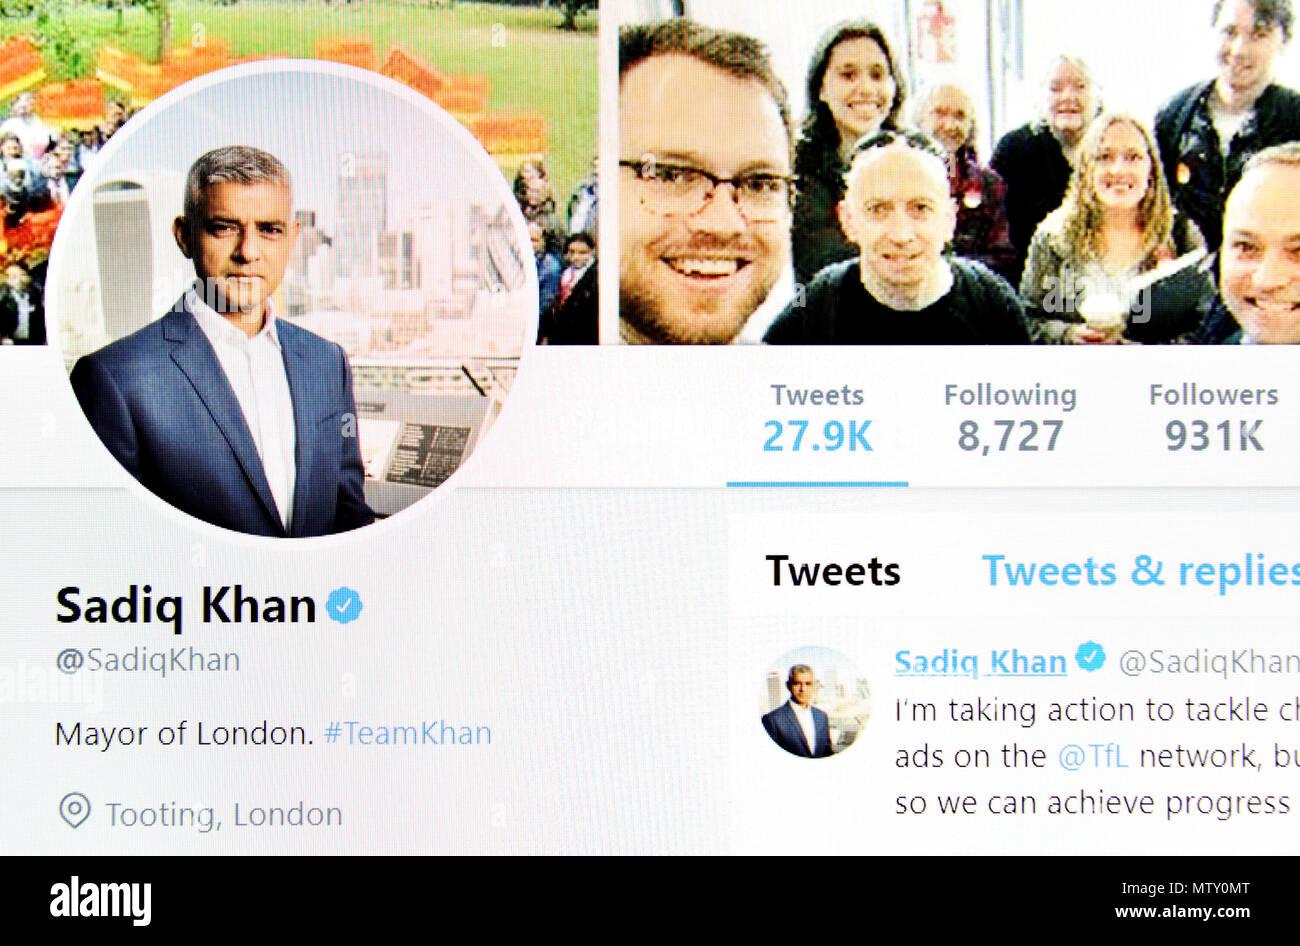 Sadiq Khan Twitter page (2018) - Stock Image